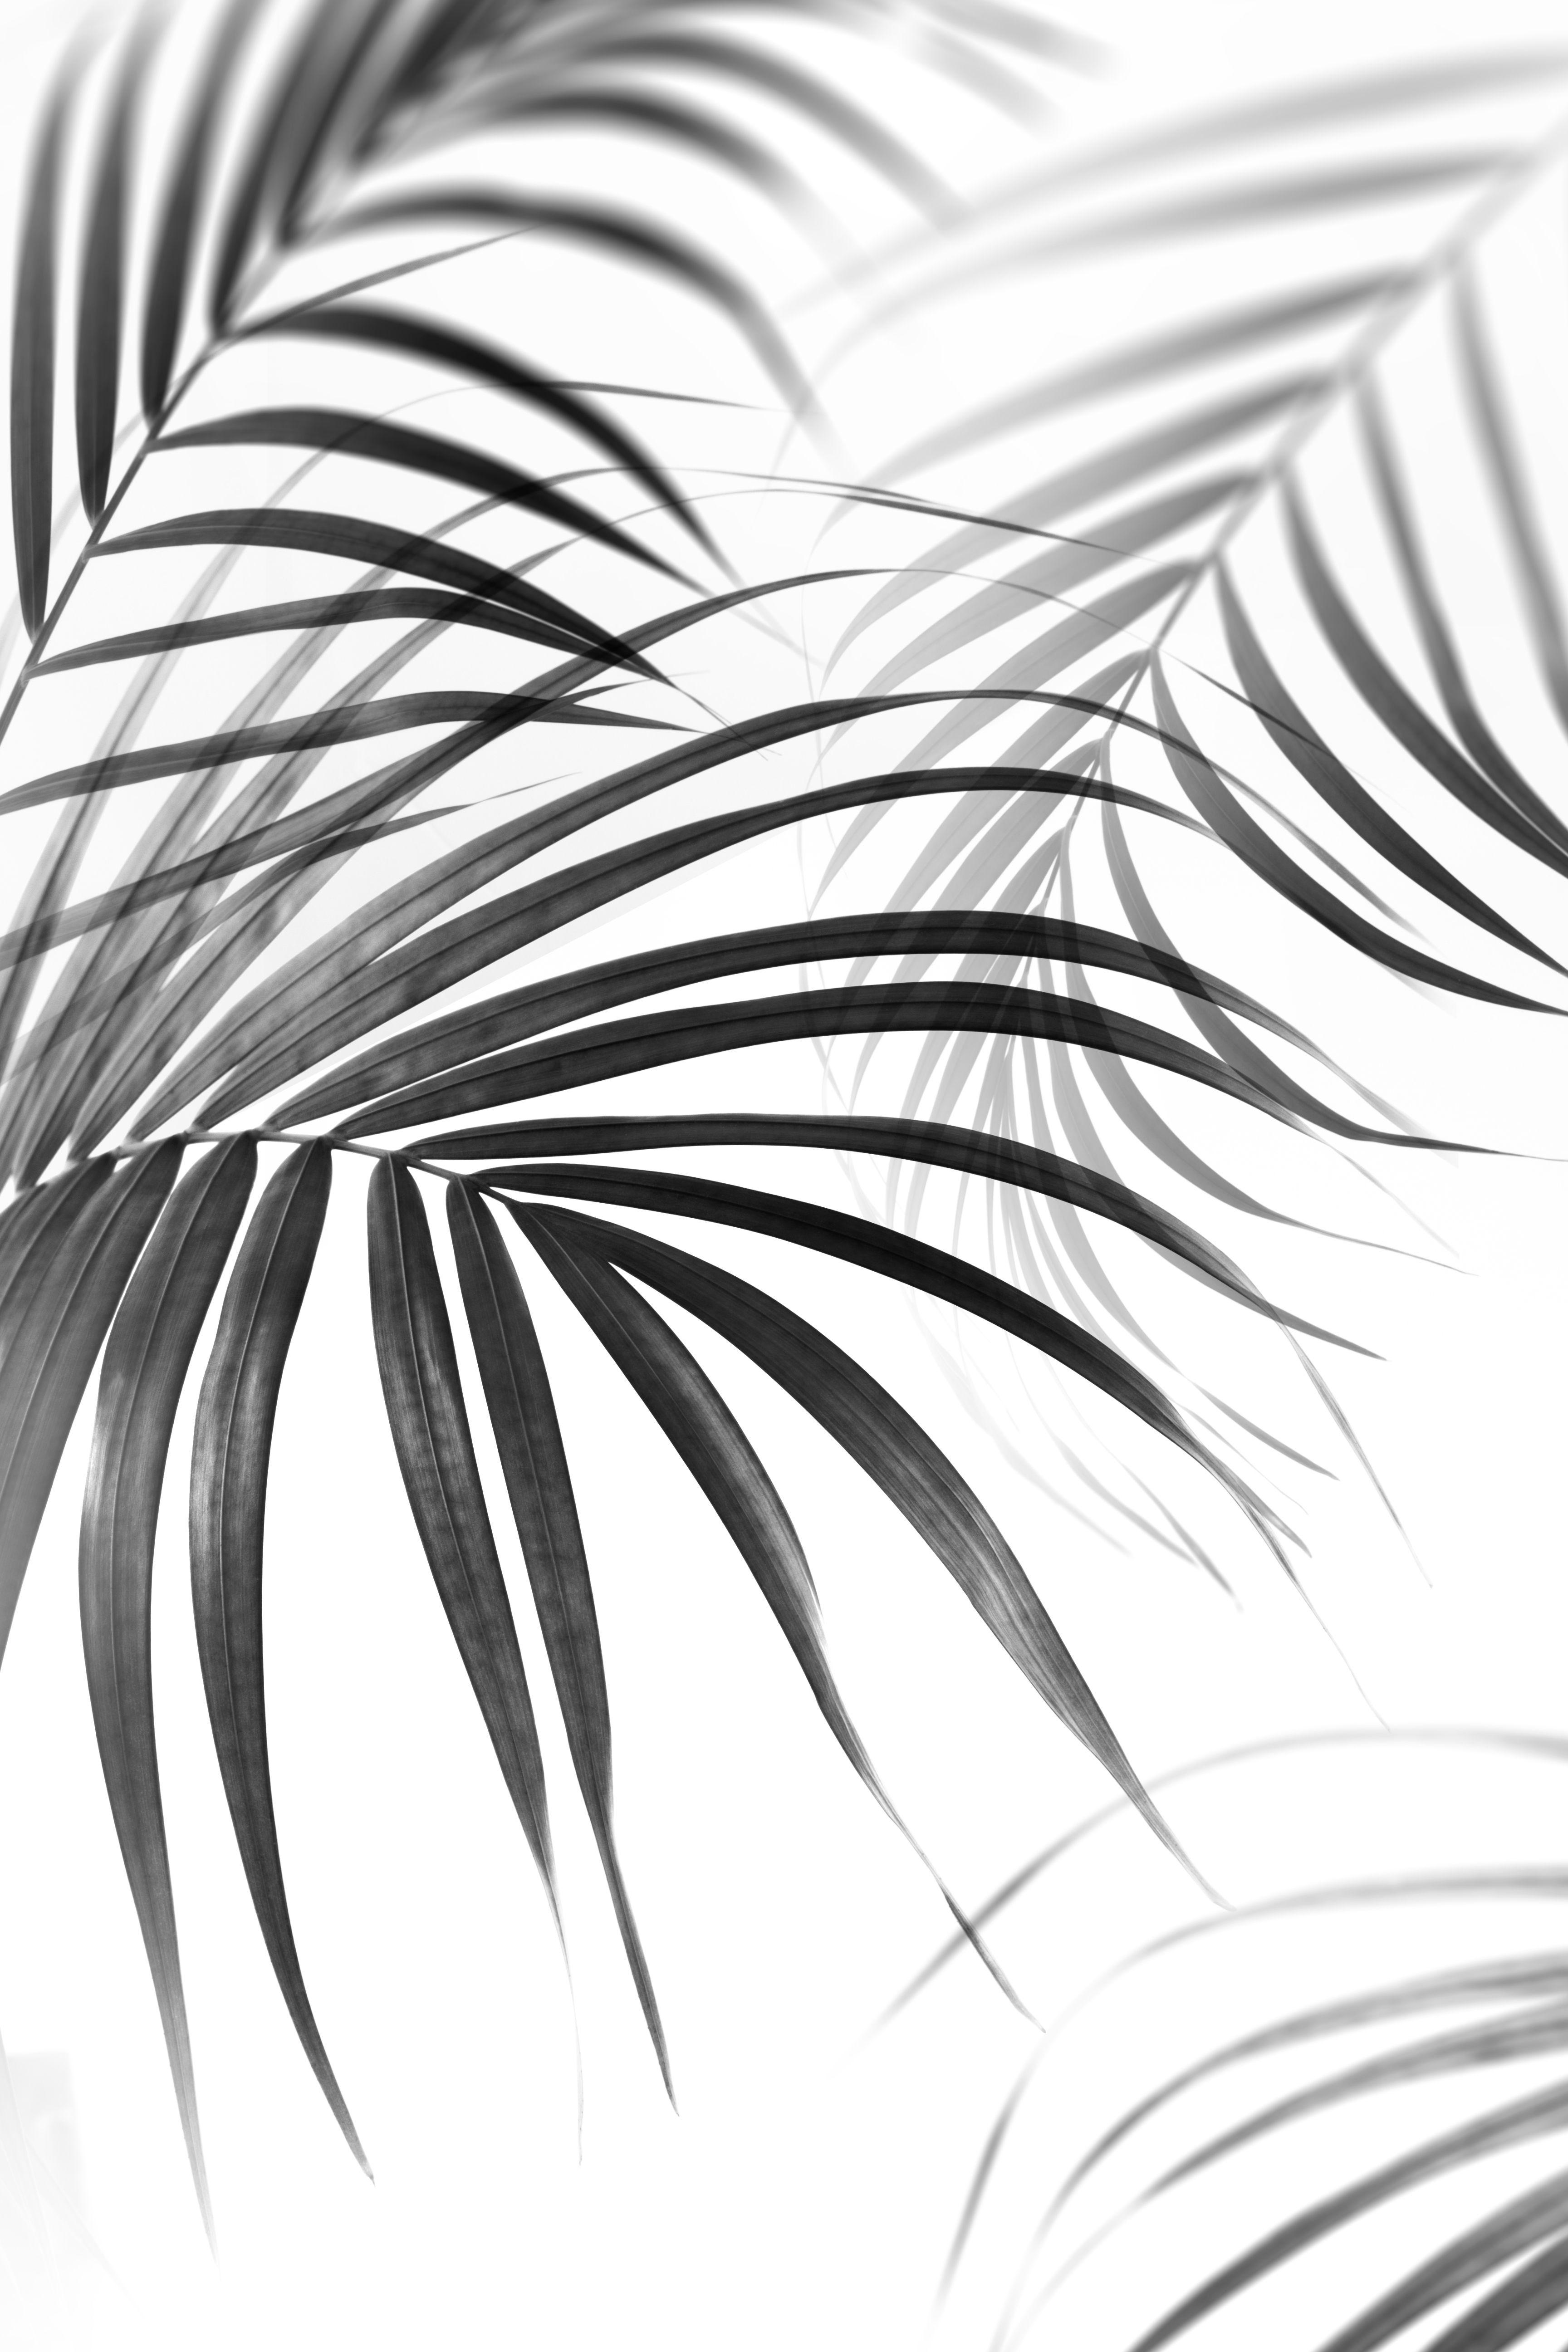 Kunstdruck Premium Poster Botanik Minimalistische Wallpaper Hintergrund Farbe Poster Schwarz Weiss